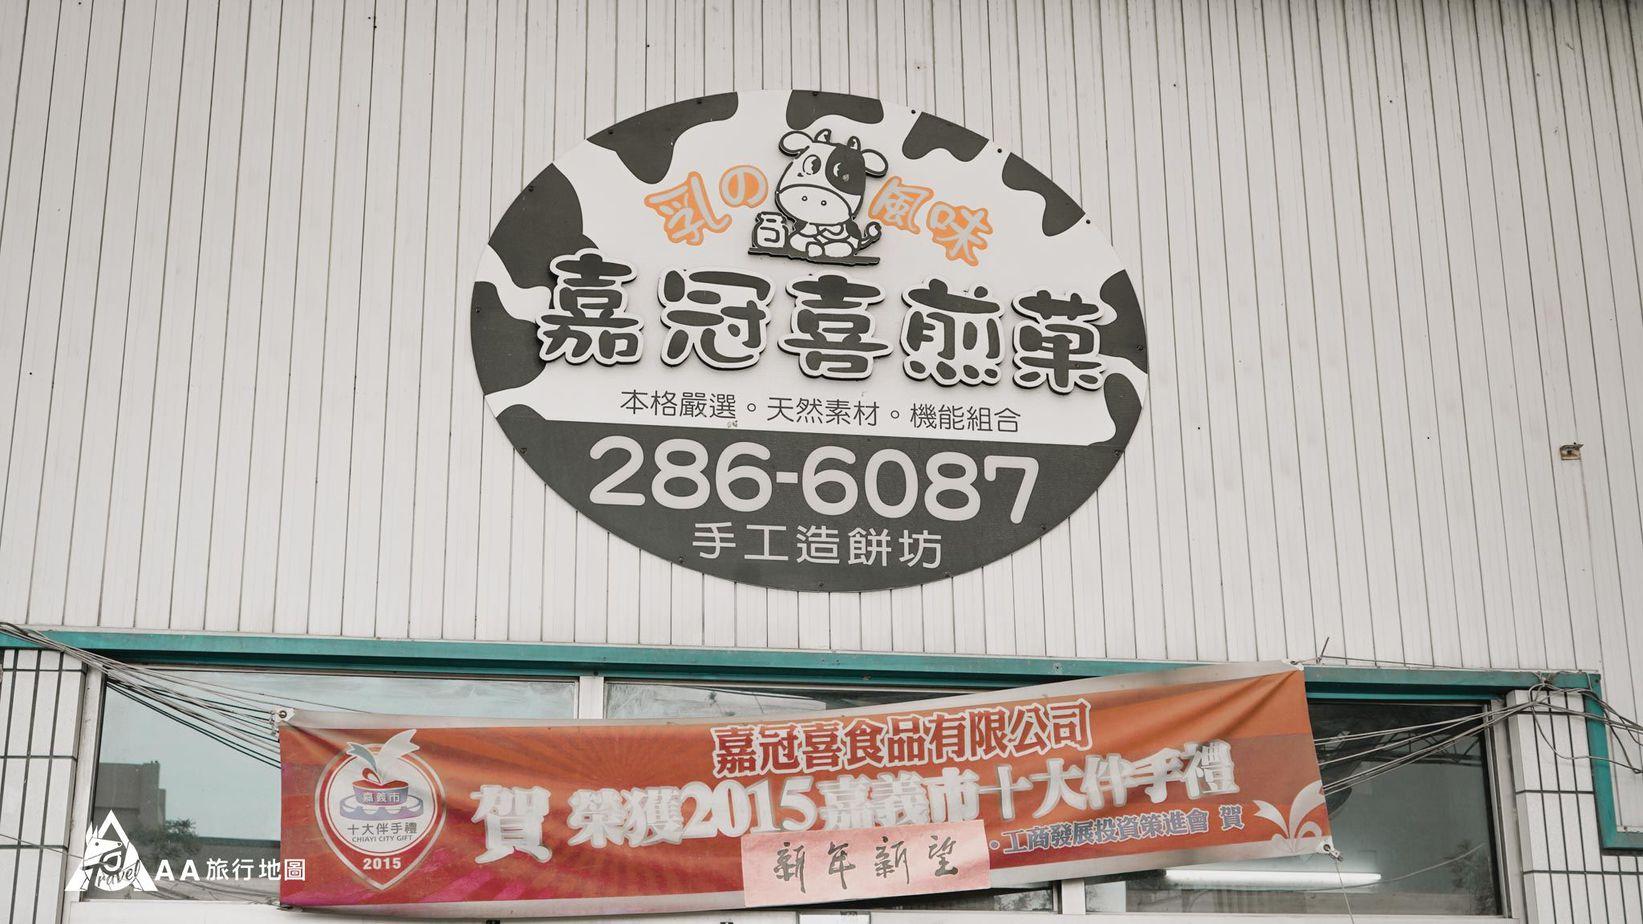 嘉冠喜 大門的招牌上有一隻可愛的牛